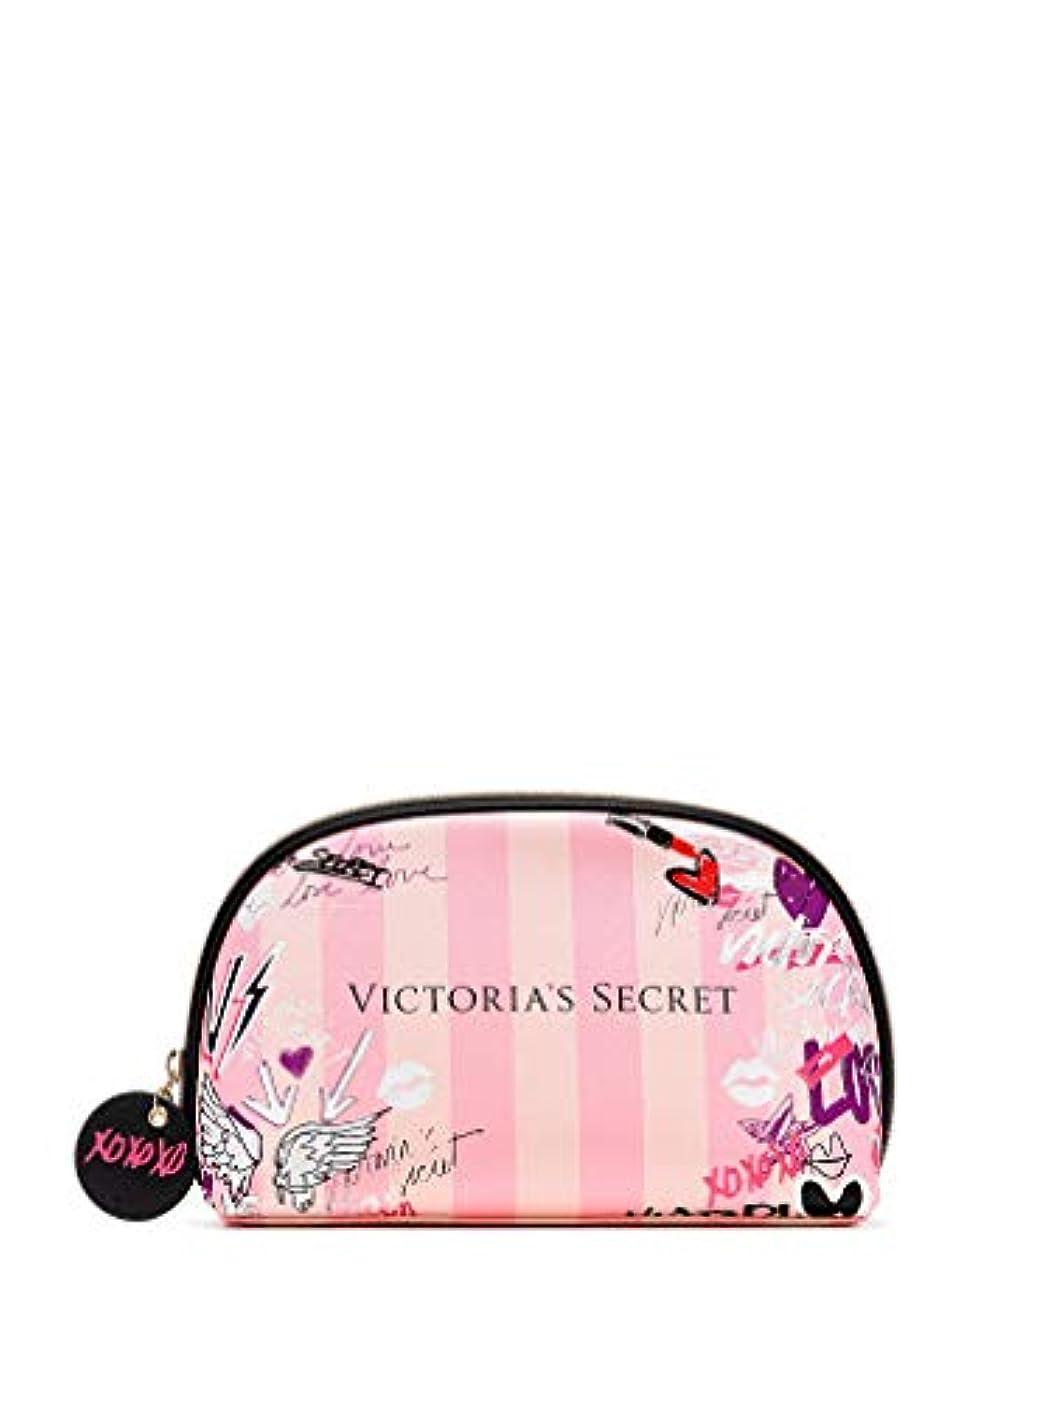 服プロフェッショナル弾薬【 メイクアップバッグ 】 VICTORIA'S SECRET ヴィクトリアシークレット/ビクトリアシークレット グラフィティグラムバッグ/Graffiti Glam Bag [並行輸入品]